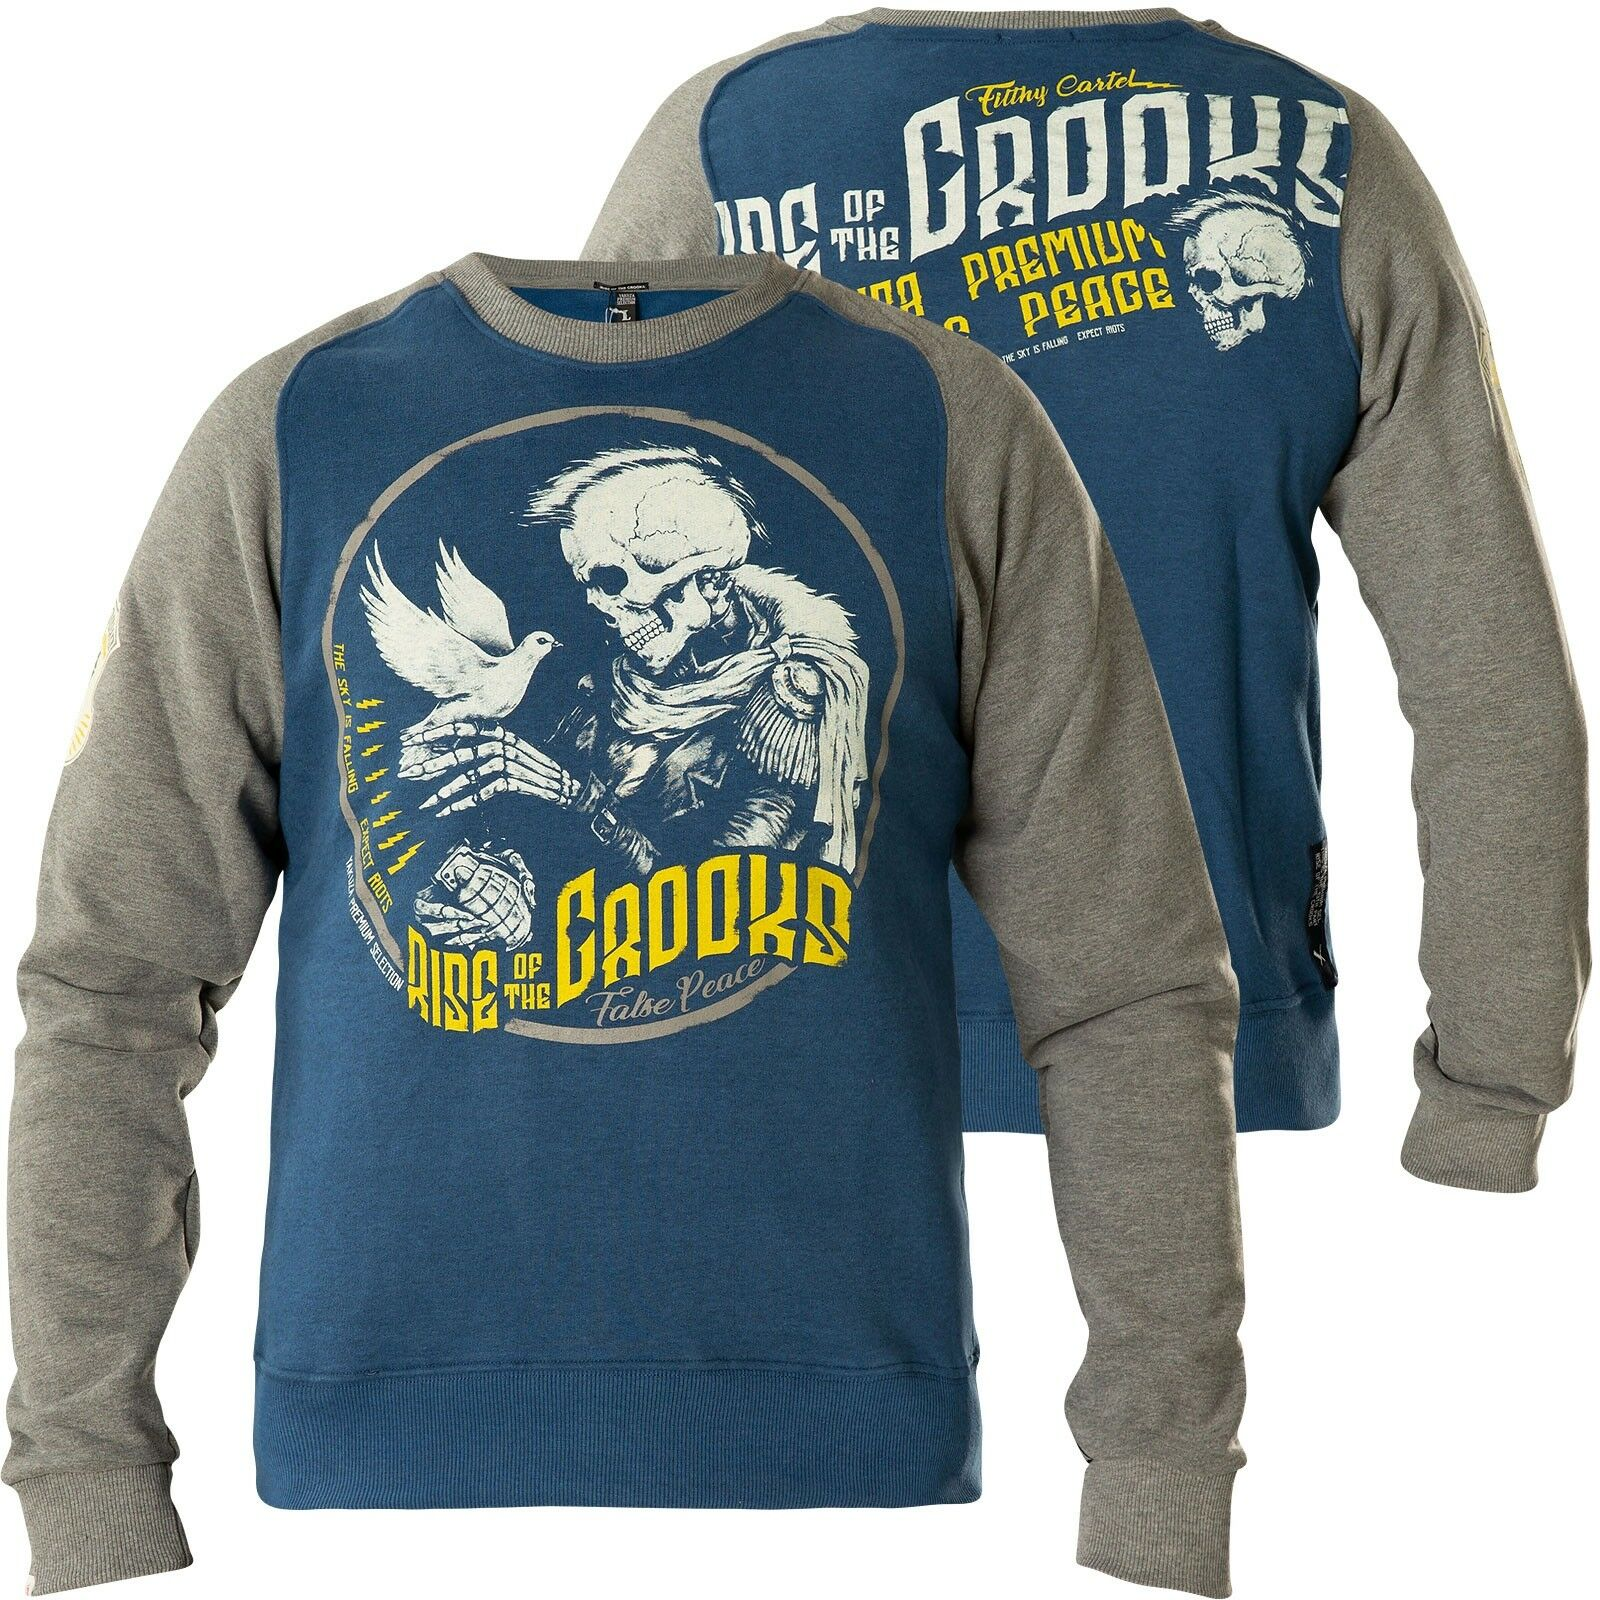 YAKUZA PREMIUM Sweatshirt YPH-2523 Blau/Grau Sweatshirts